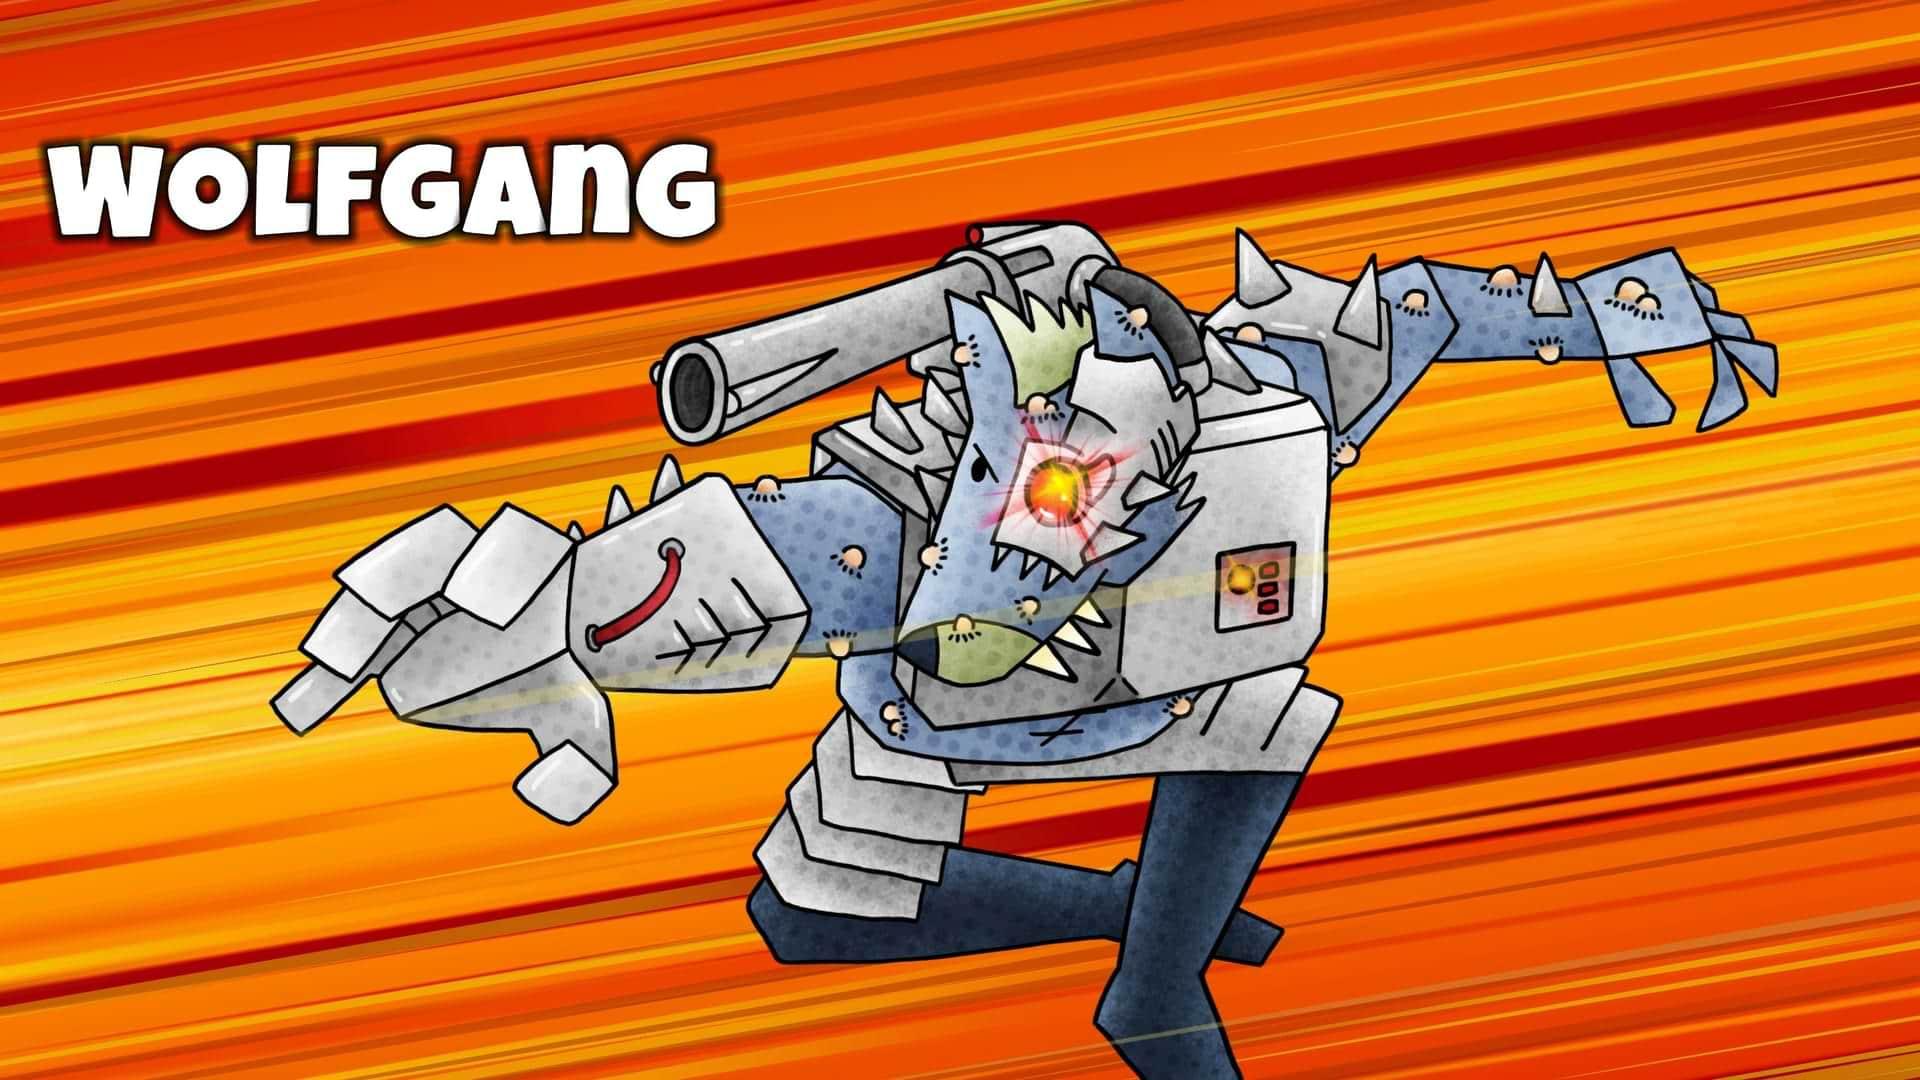 Cardpocalypse - Wolfgang